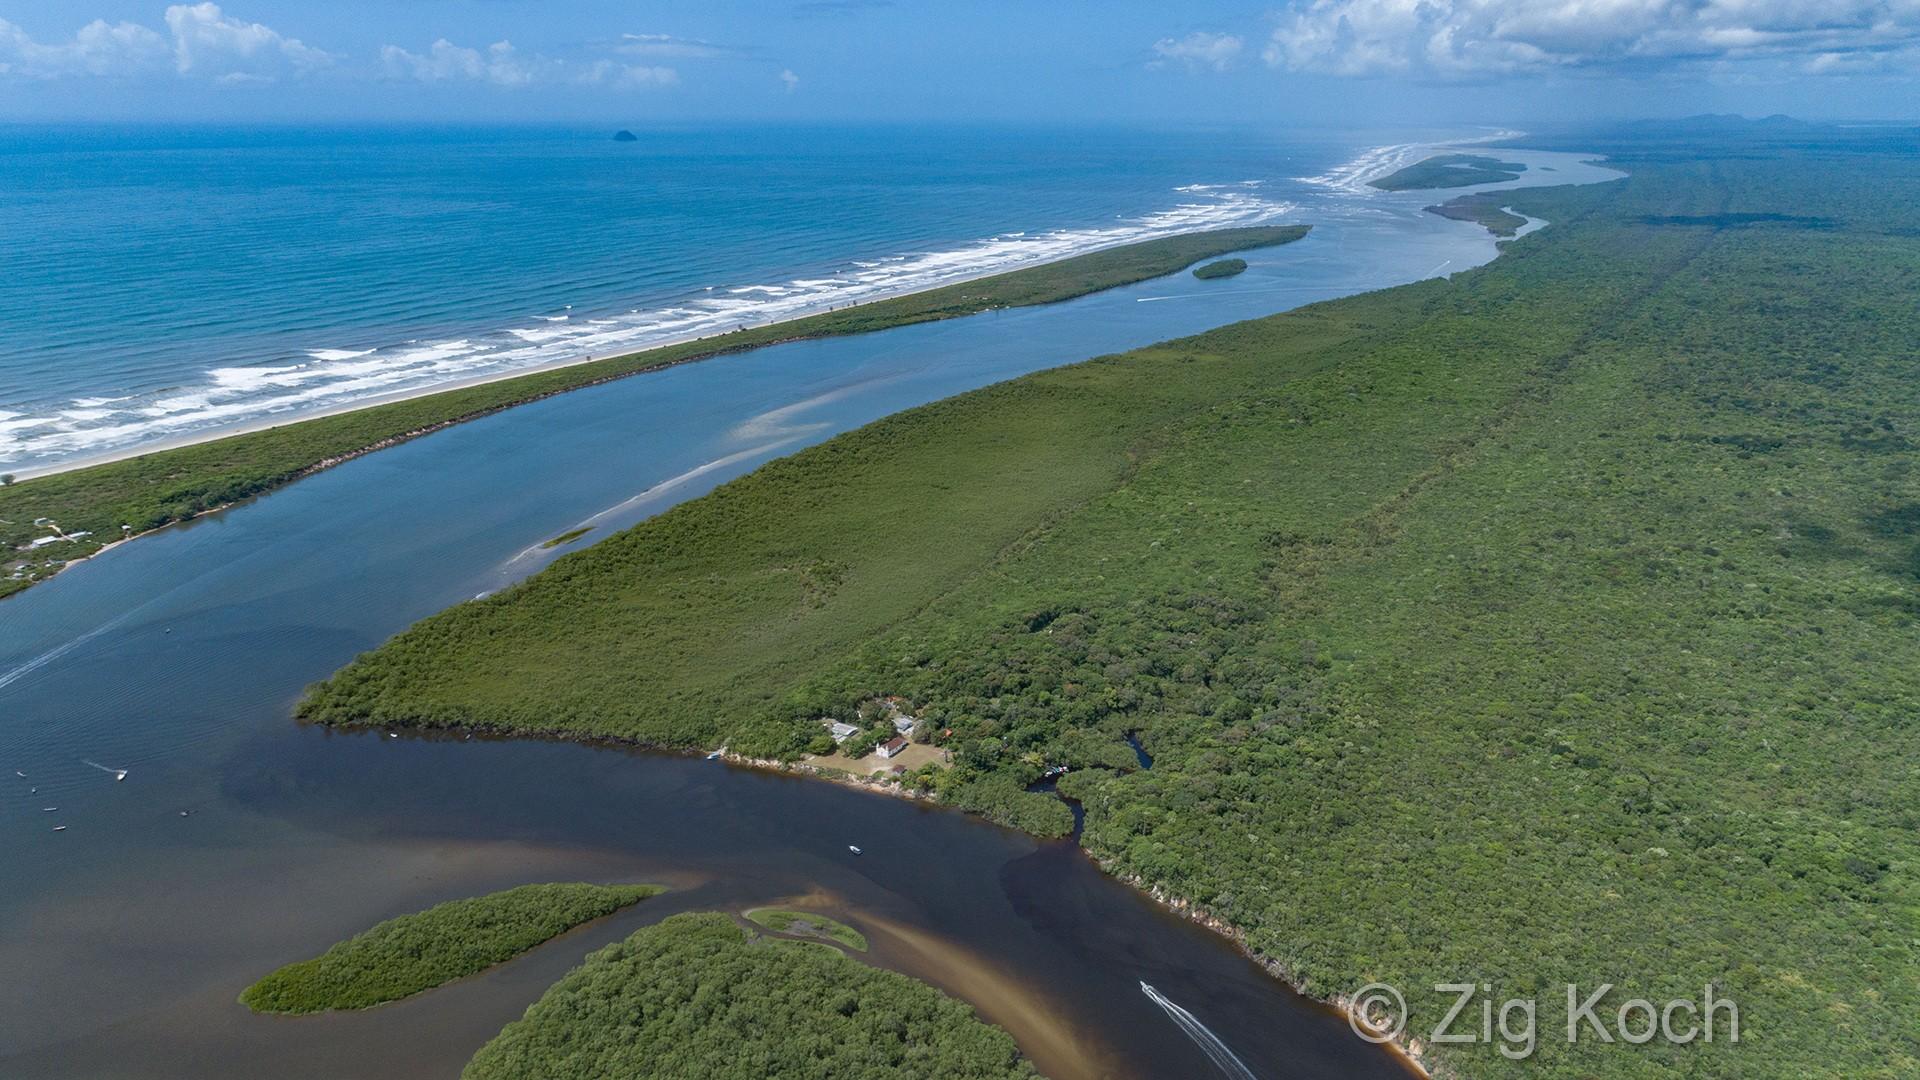 Documentários mostram imagens de área de Mata Atlântica preservada; Paraná concentra boa parte do sistema